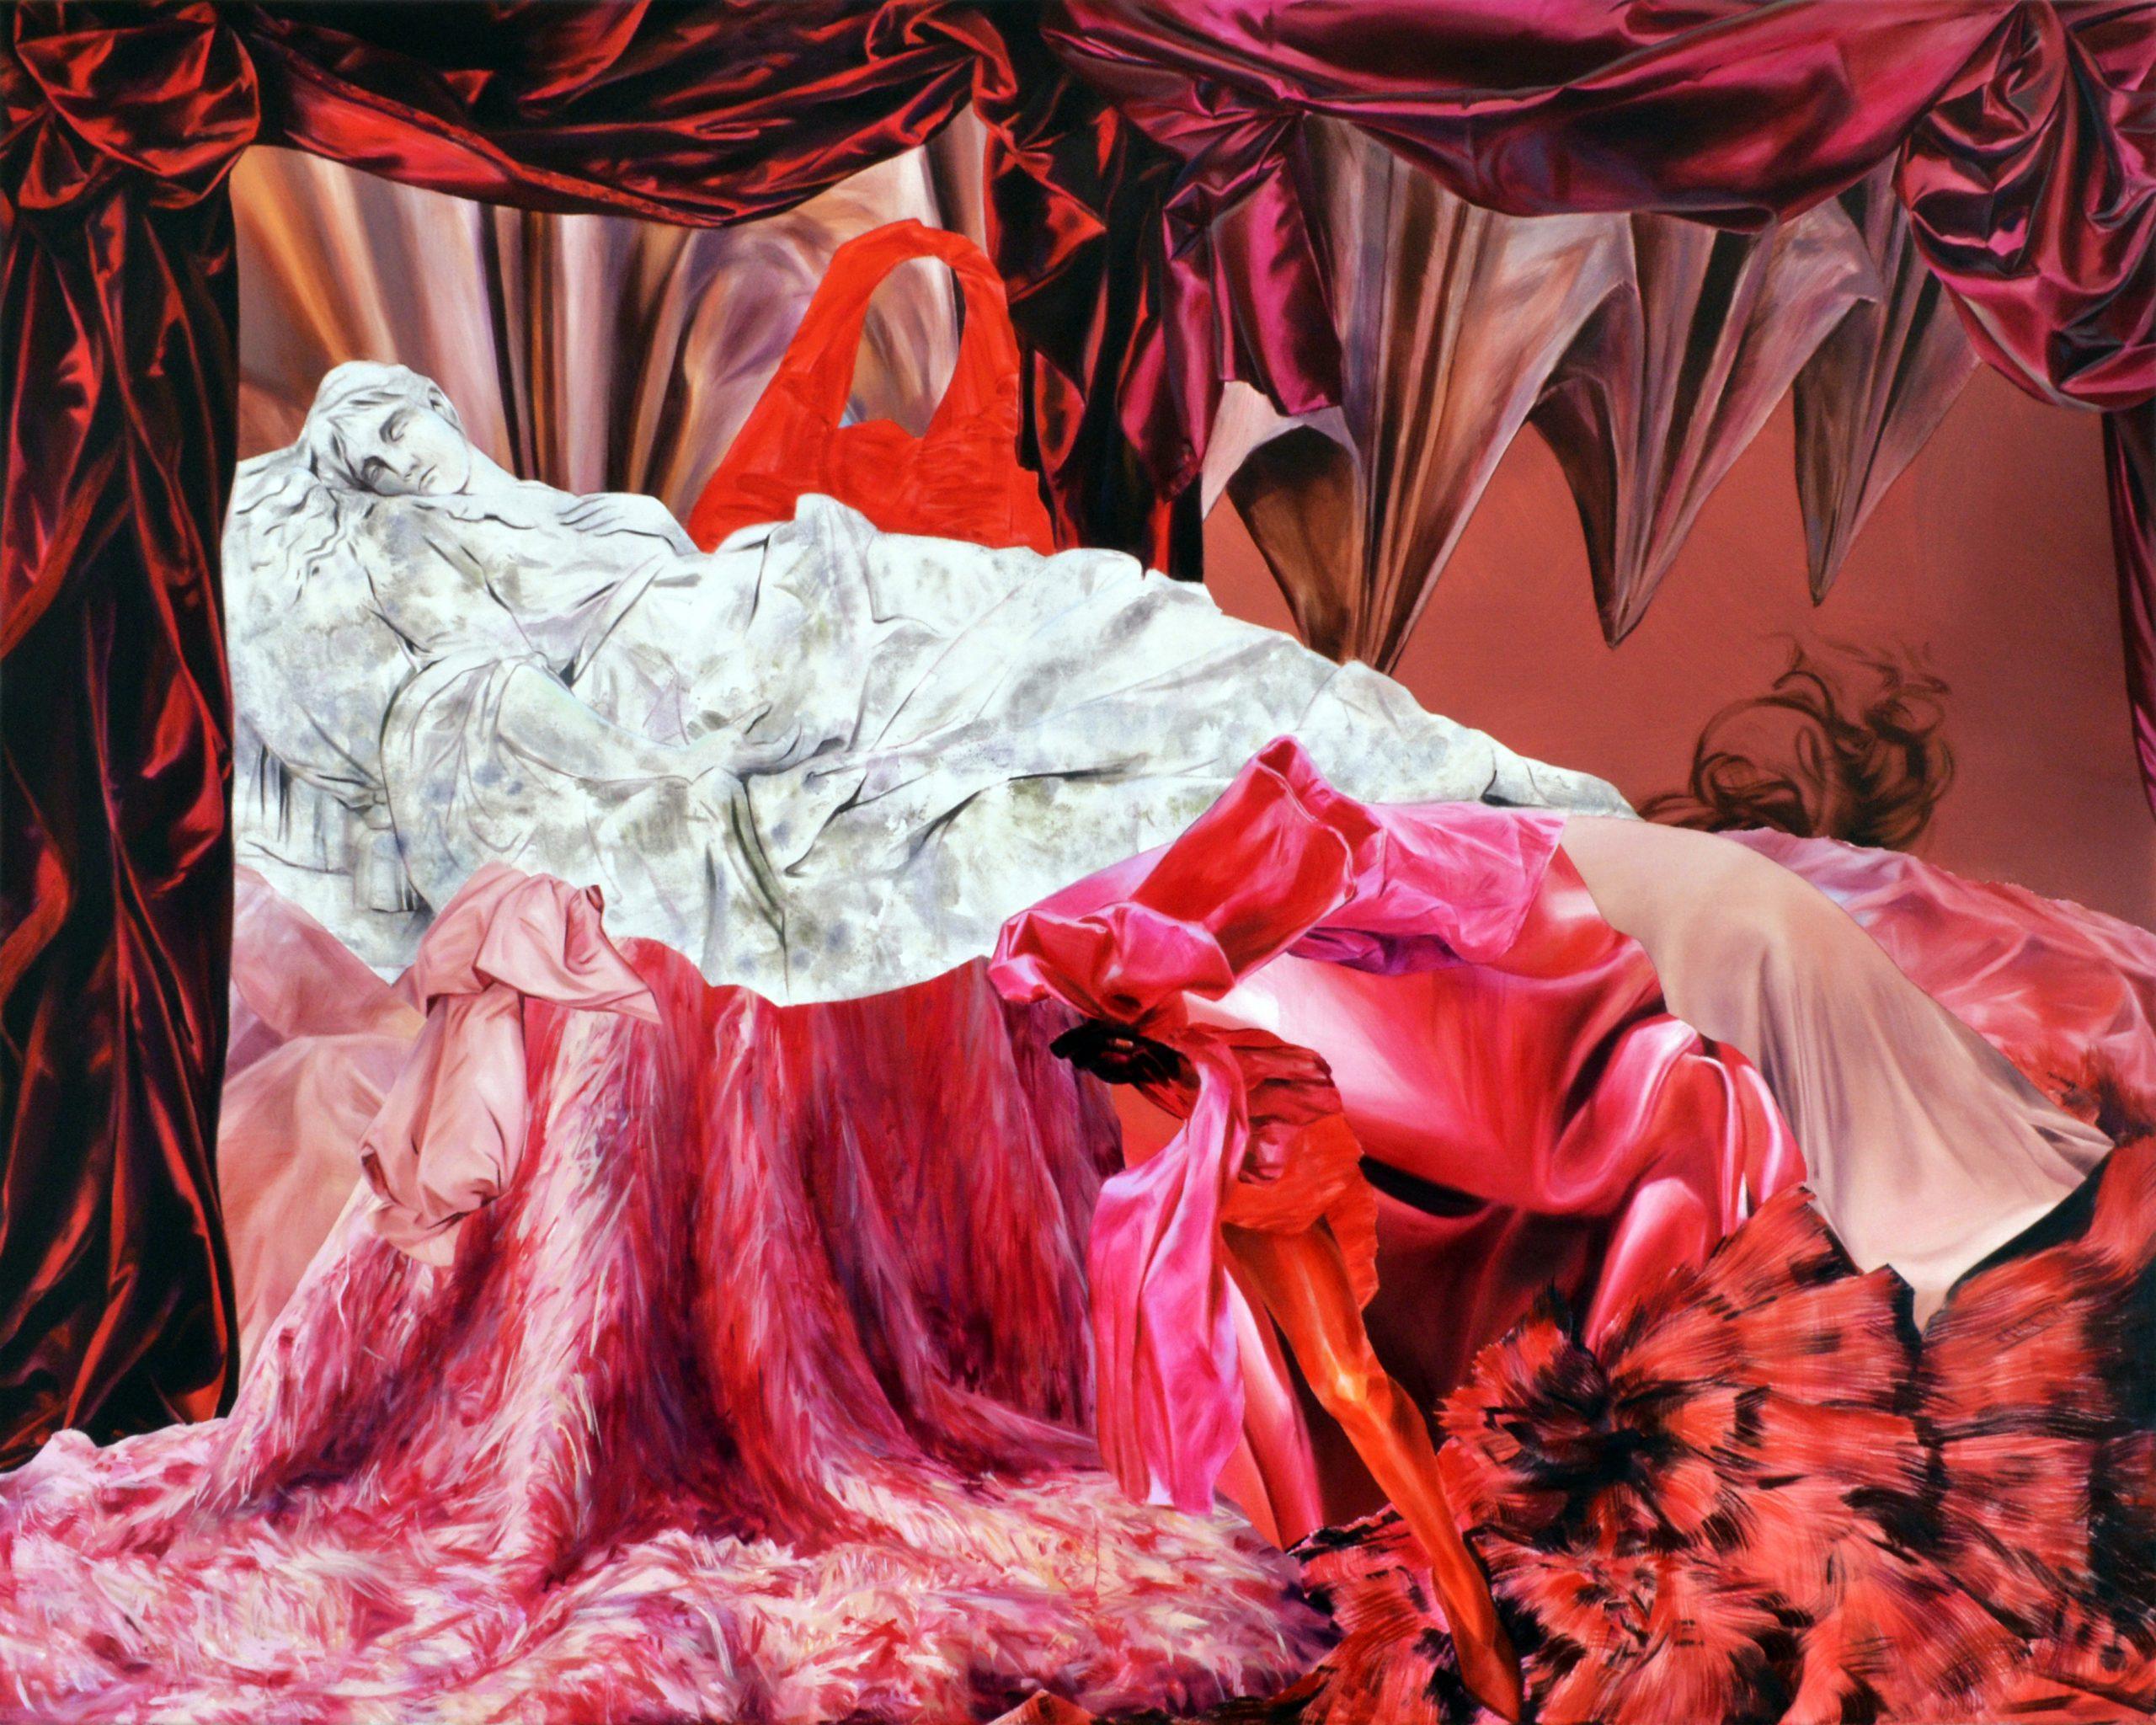 Martyna Borowiecka.Sleepy snakes coiled in their secret hiding places. 120 x 150 cm. Oil on canvas. 2018.